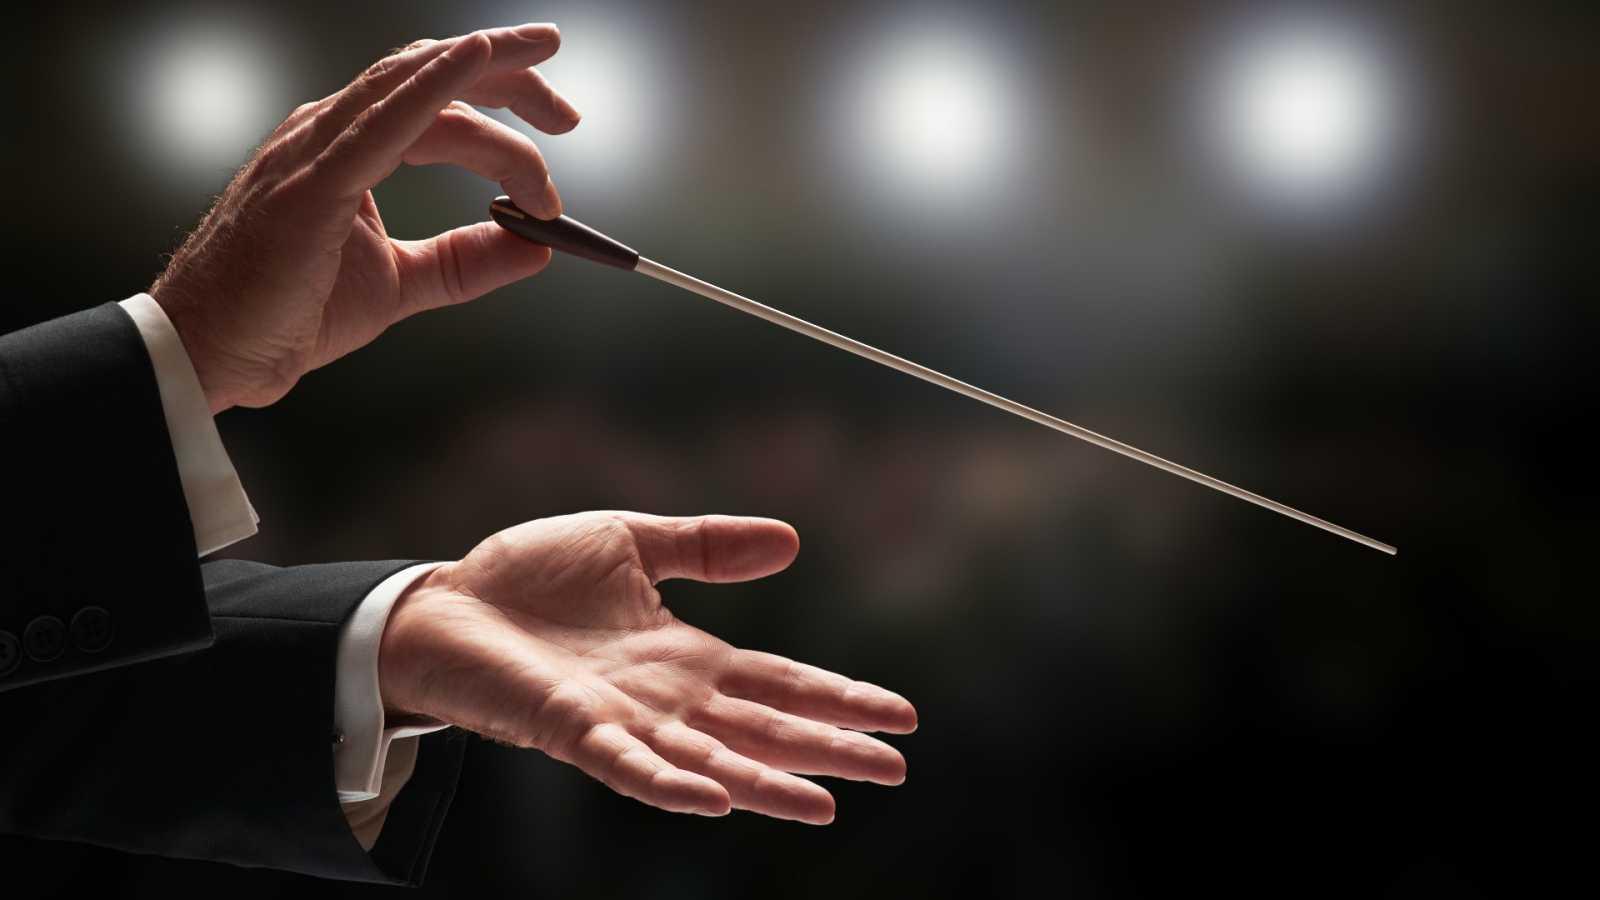 Clásica y eso - Piazzola, Boccherini, Puccini, La bohéme, Chopin - 17/11/20 - Escuchar ahora